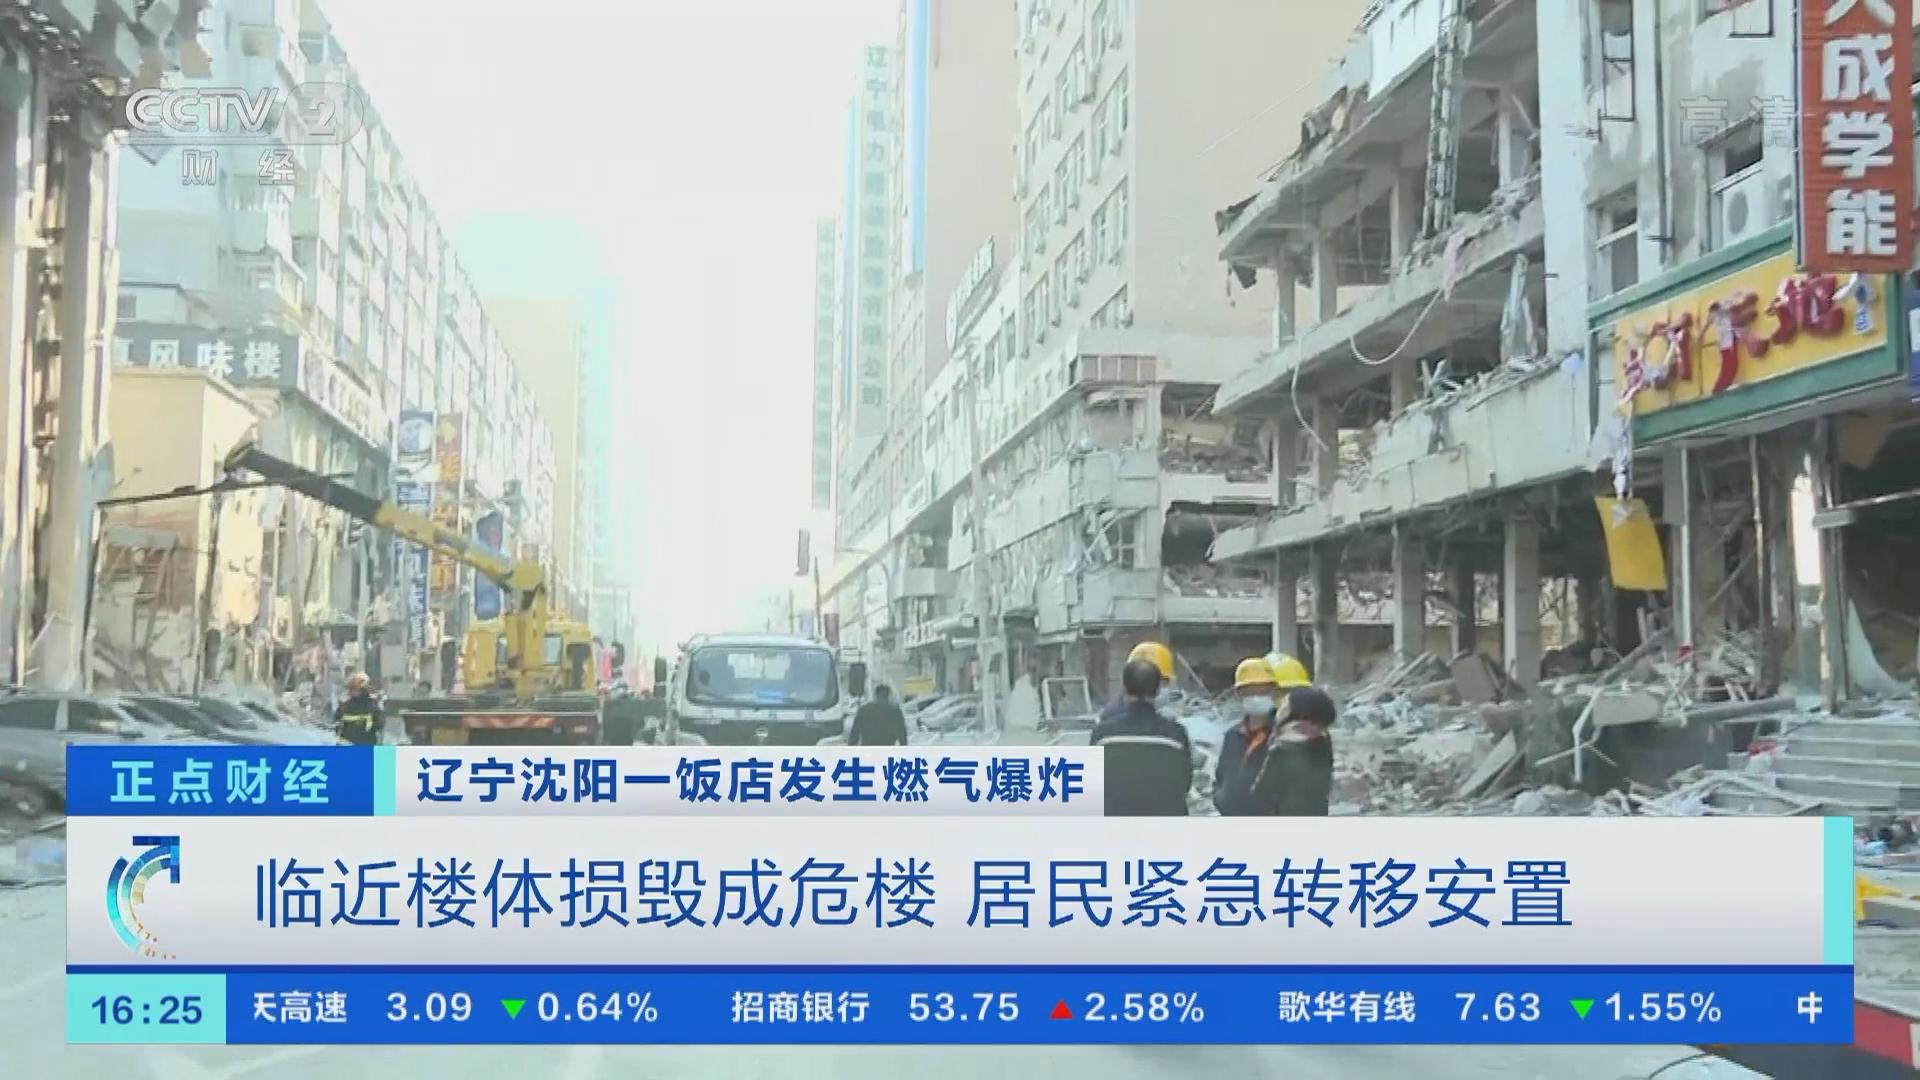 [正点财经]辽宁沈阳一饭店发生燃气爆炸 爆炸已致3人死亡 30余人受伤